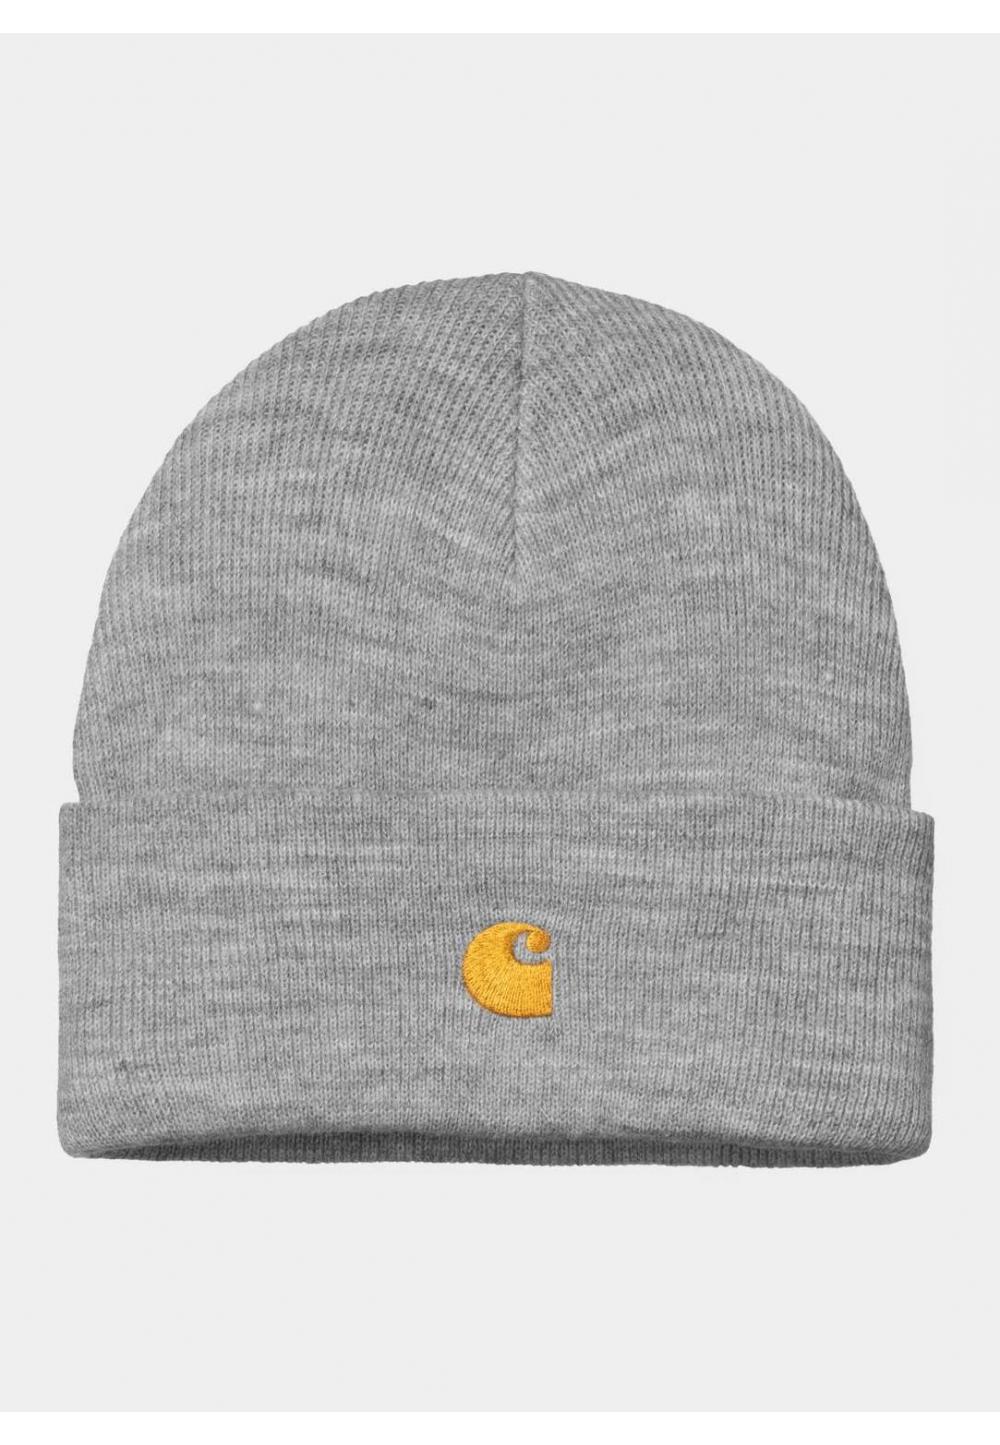 Сіра шапка з вишивкою логотипу